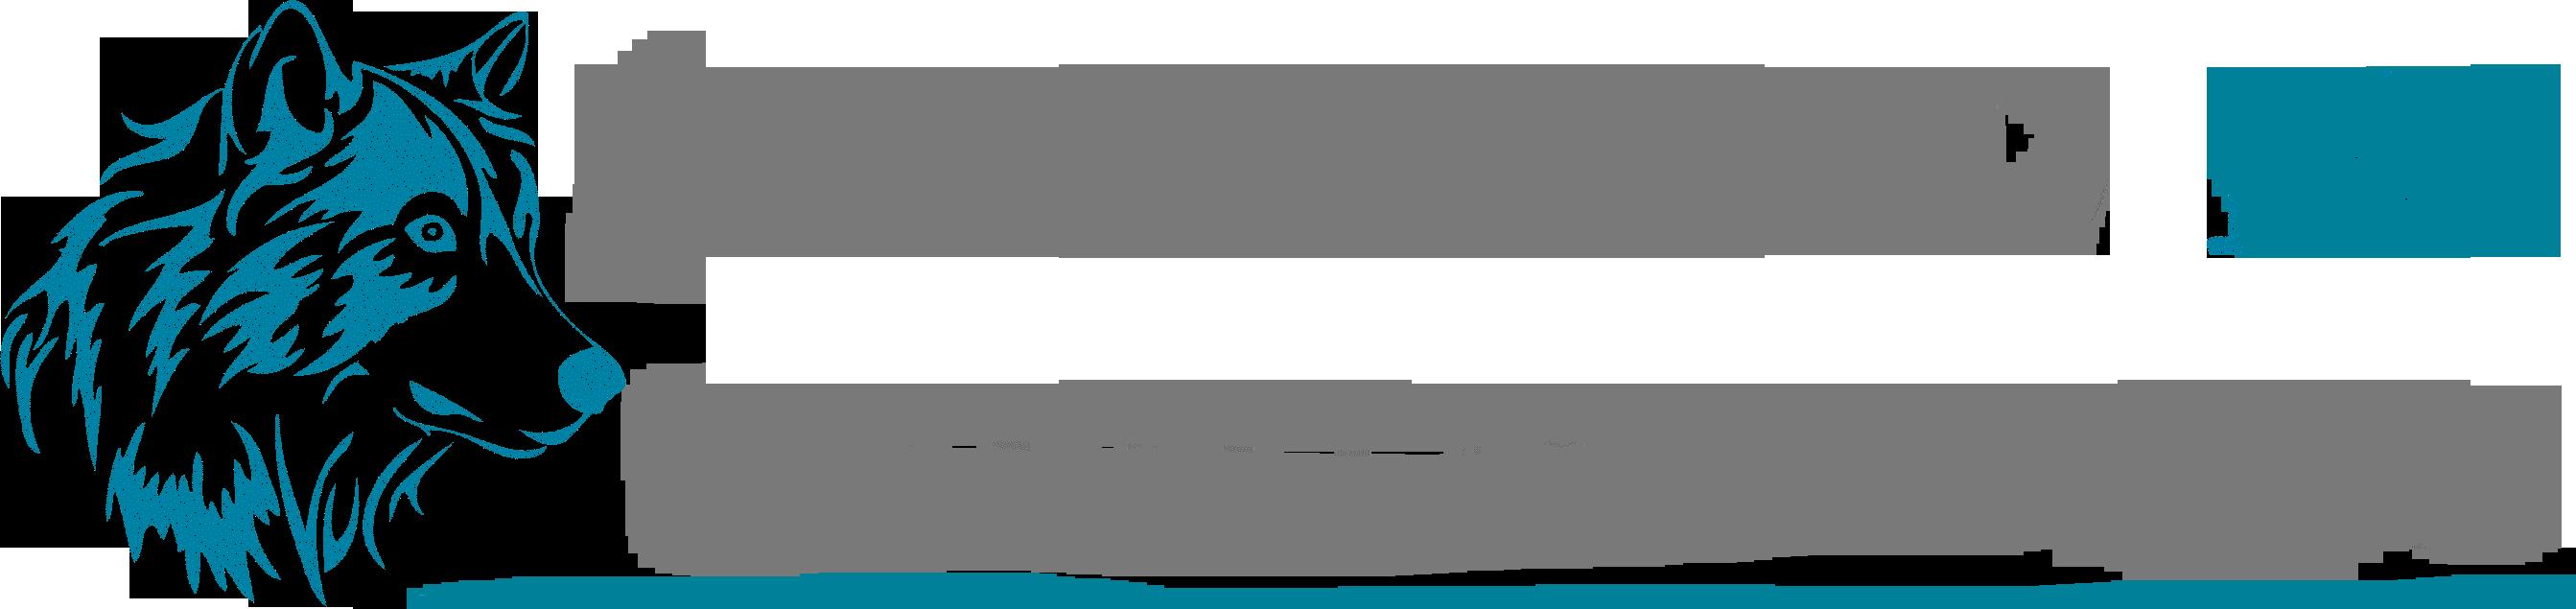 Advanced K9 Solutions Ltd